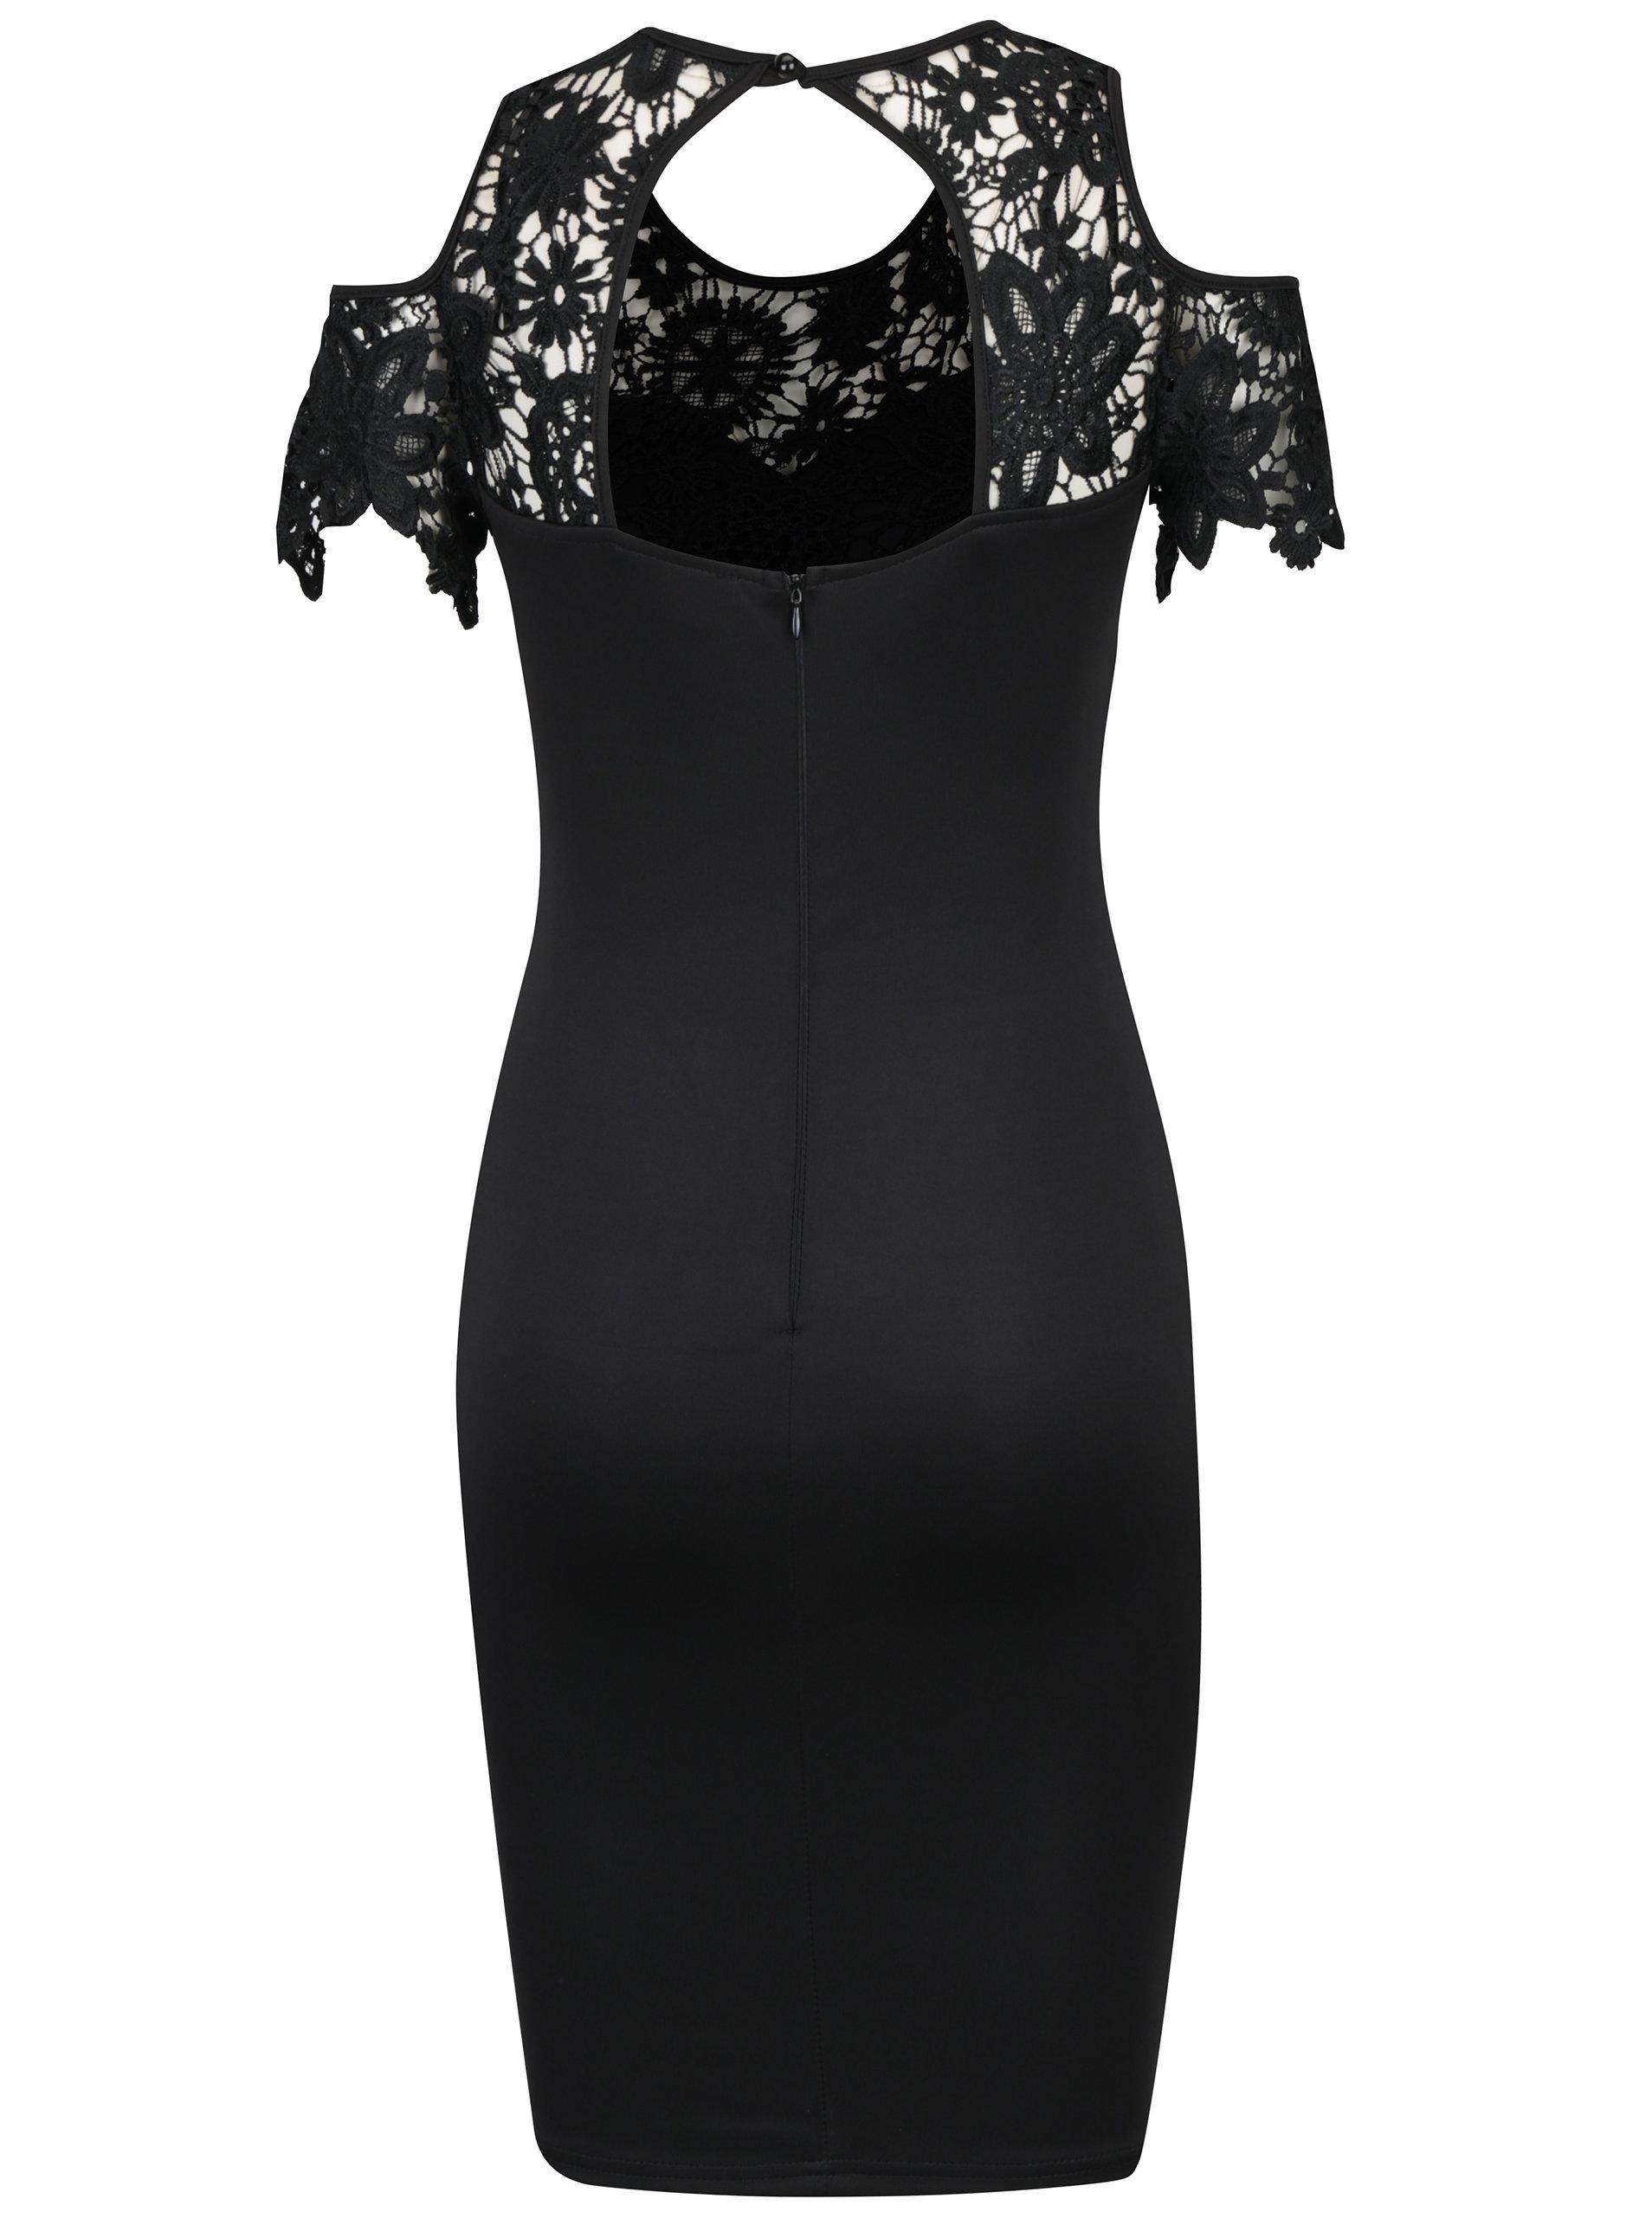 2e132215d3b Černé pouzdrové šaty s průstřihy na ramenou AX Paris ...